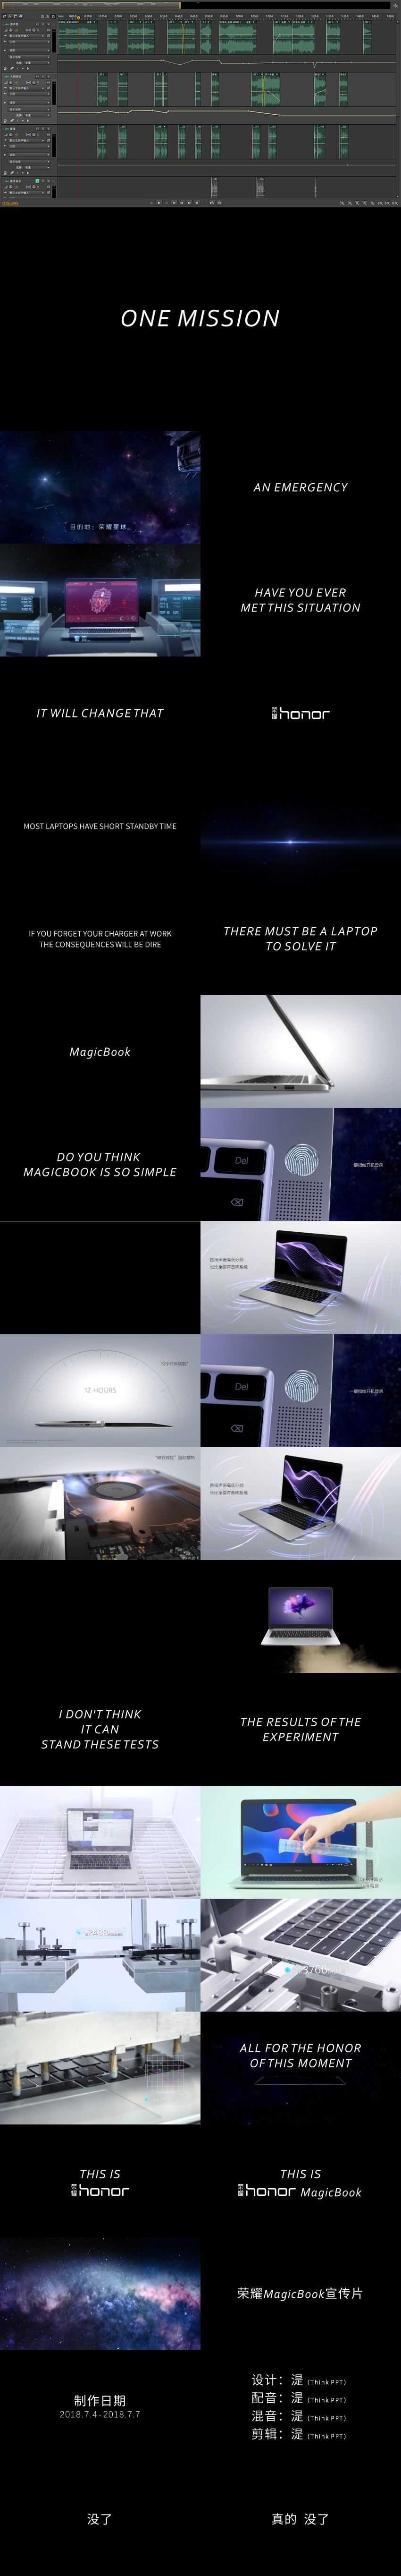 好莱坞式荣耀MagicBook宣传片